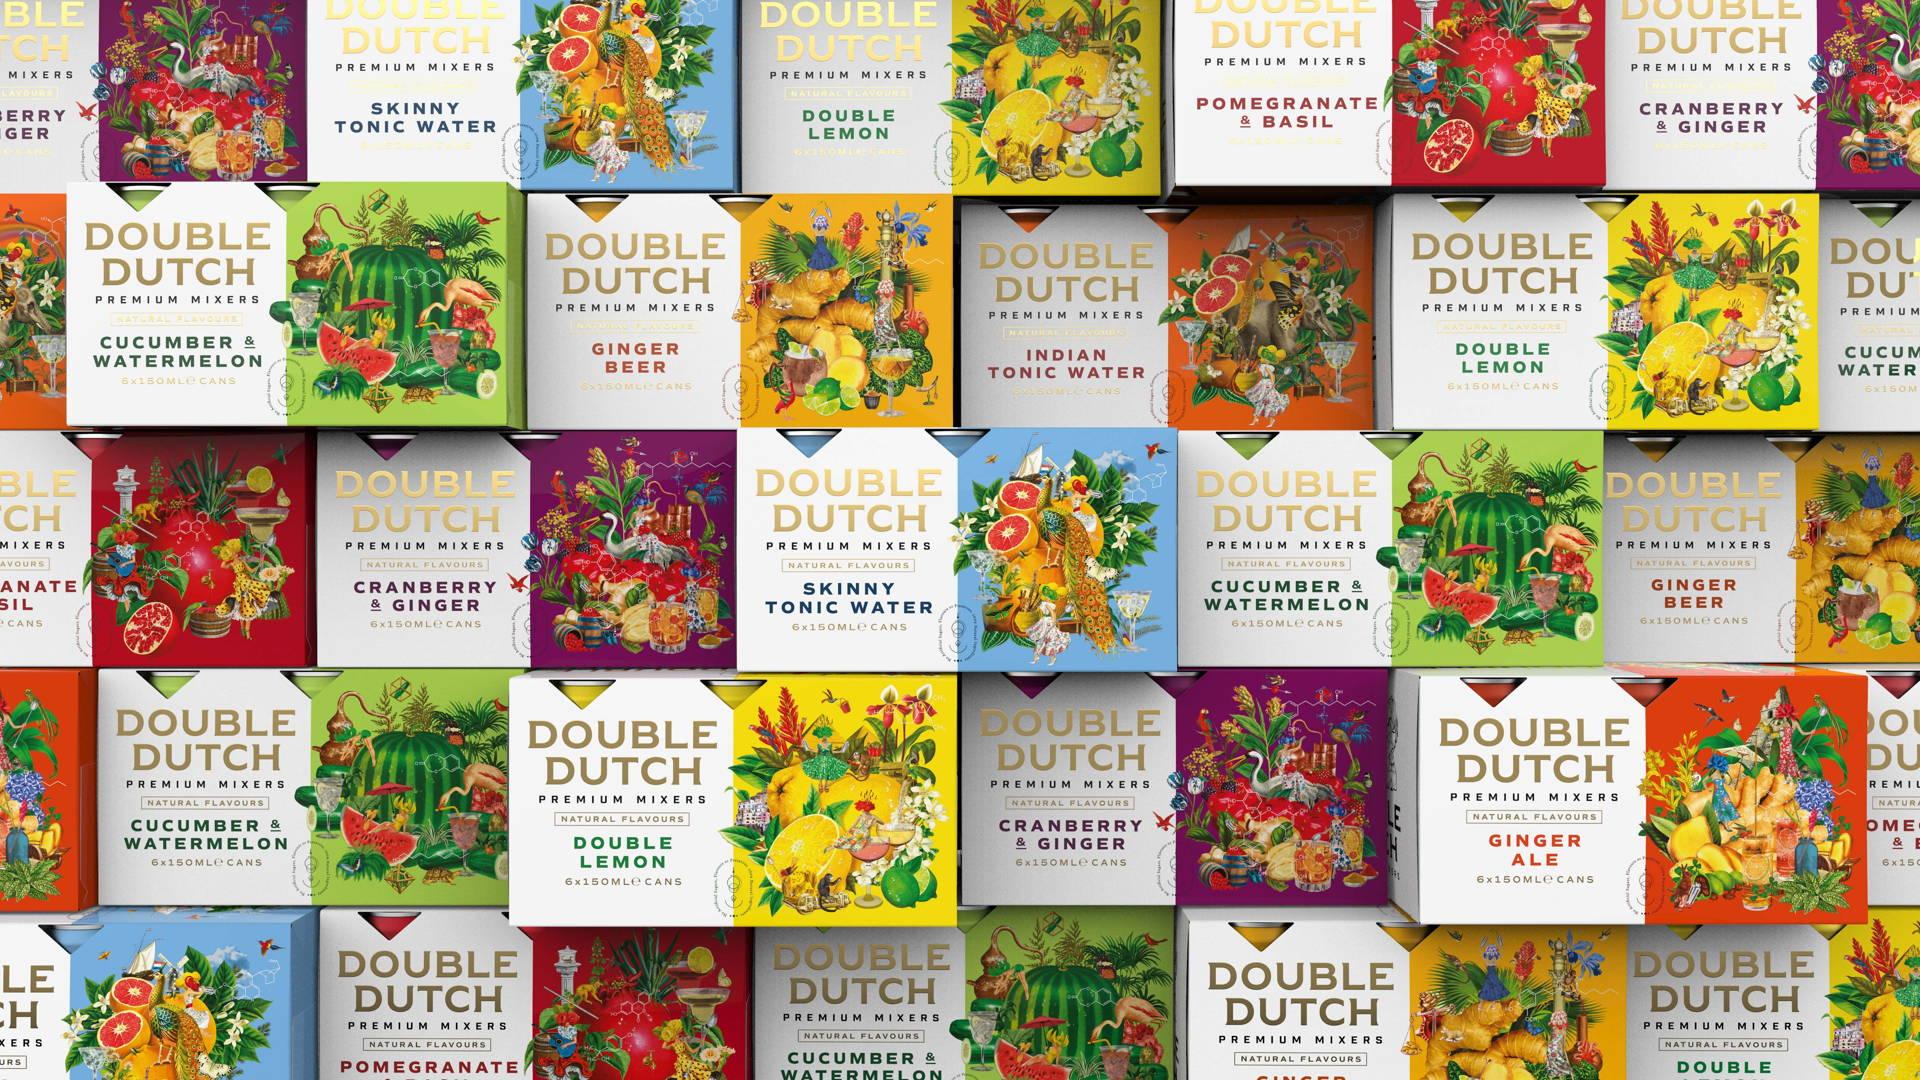 Double Dutch著名调酒饮品包装设计